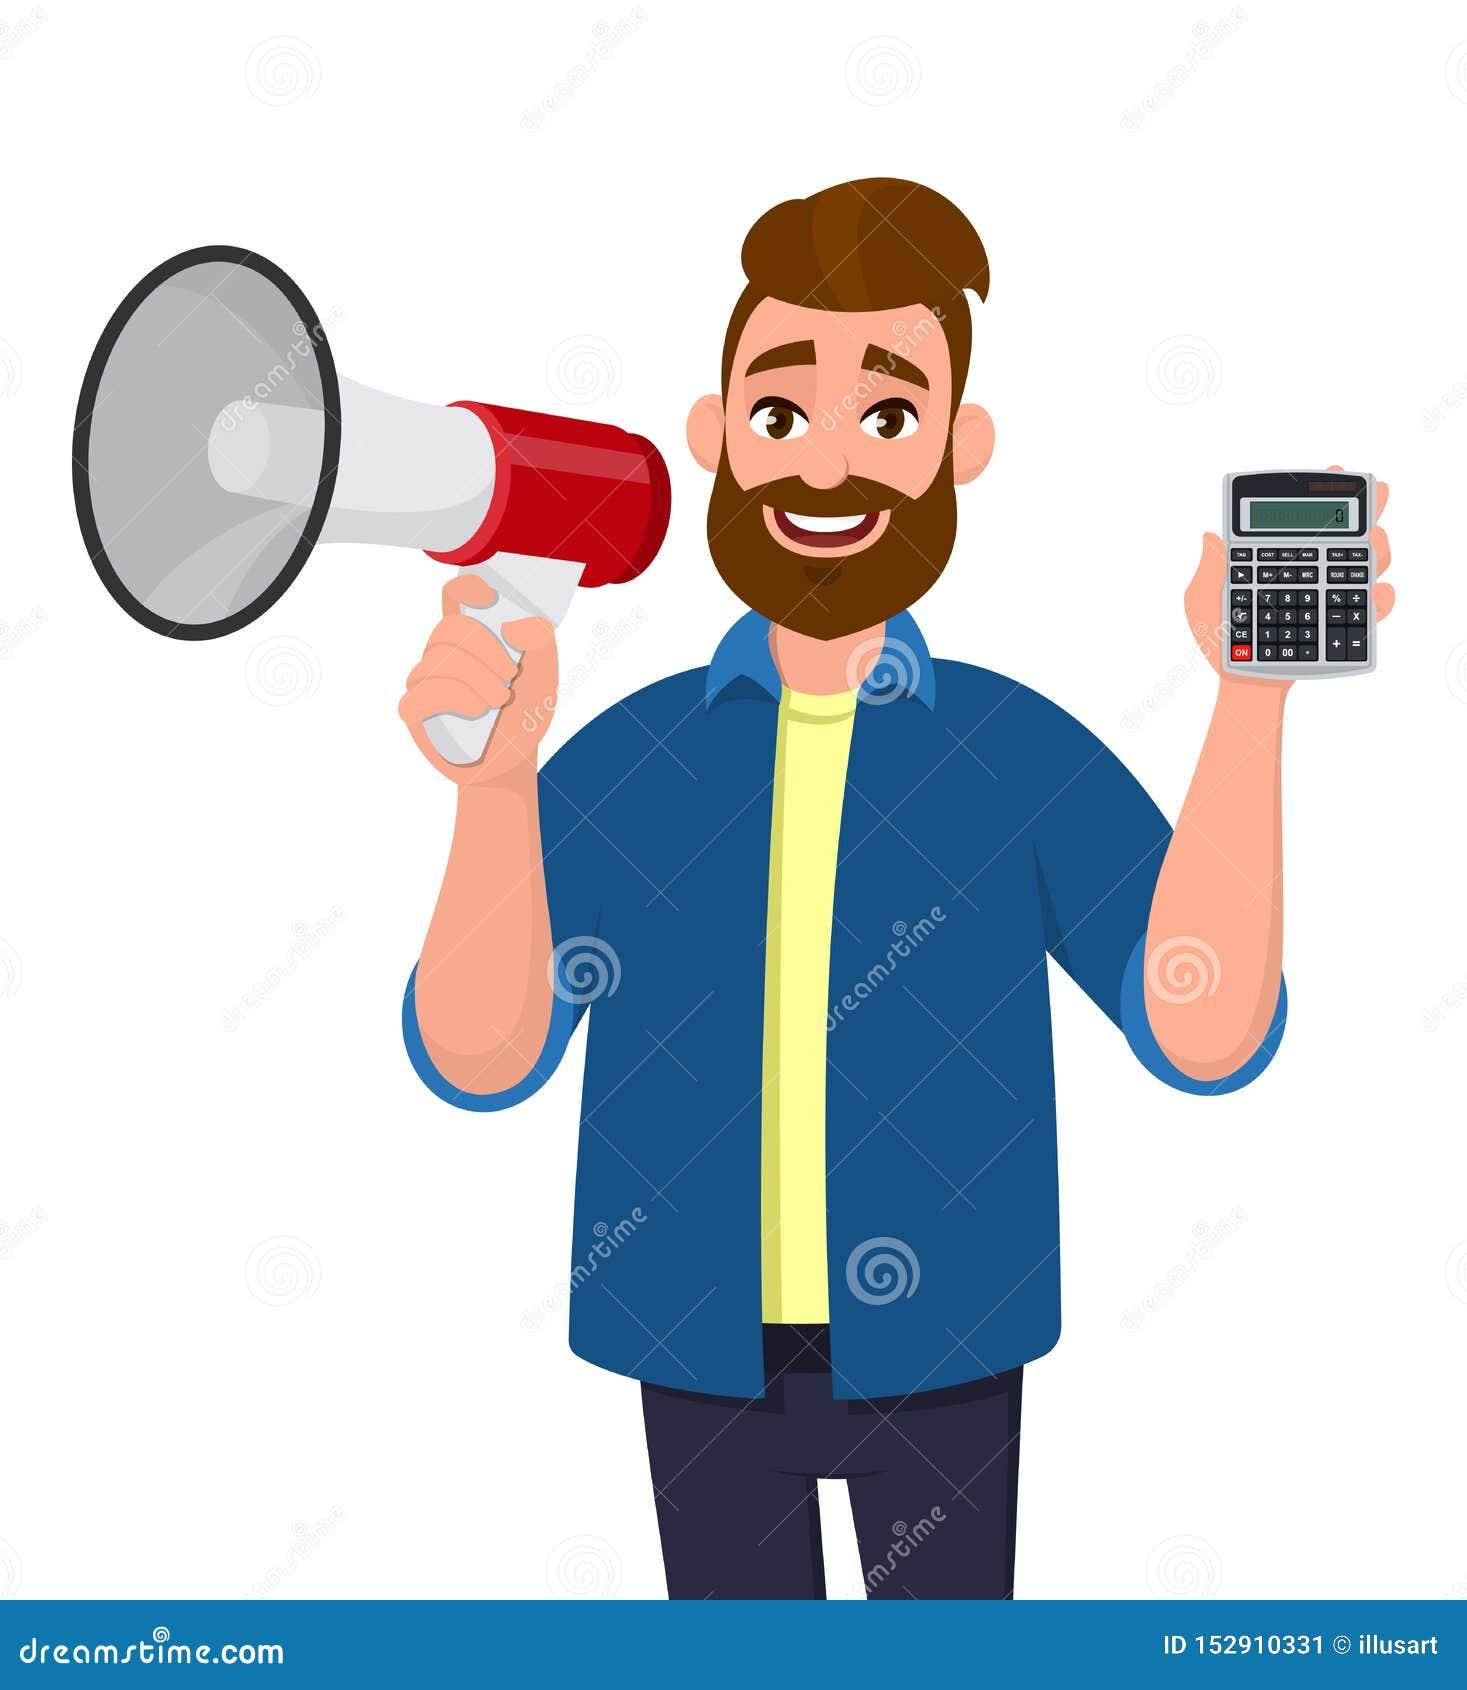 Visning för ung man eller rymma megafonhögtalaren och digitalt räknemaskinapparat och förstoringsglas i hand marknadsf?ring